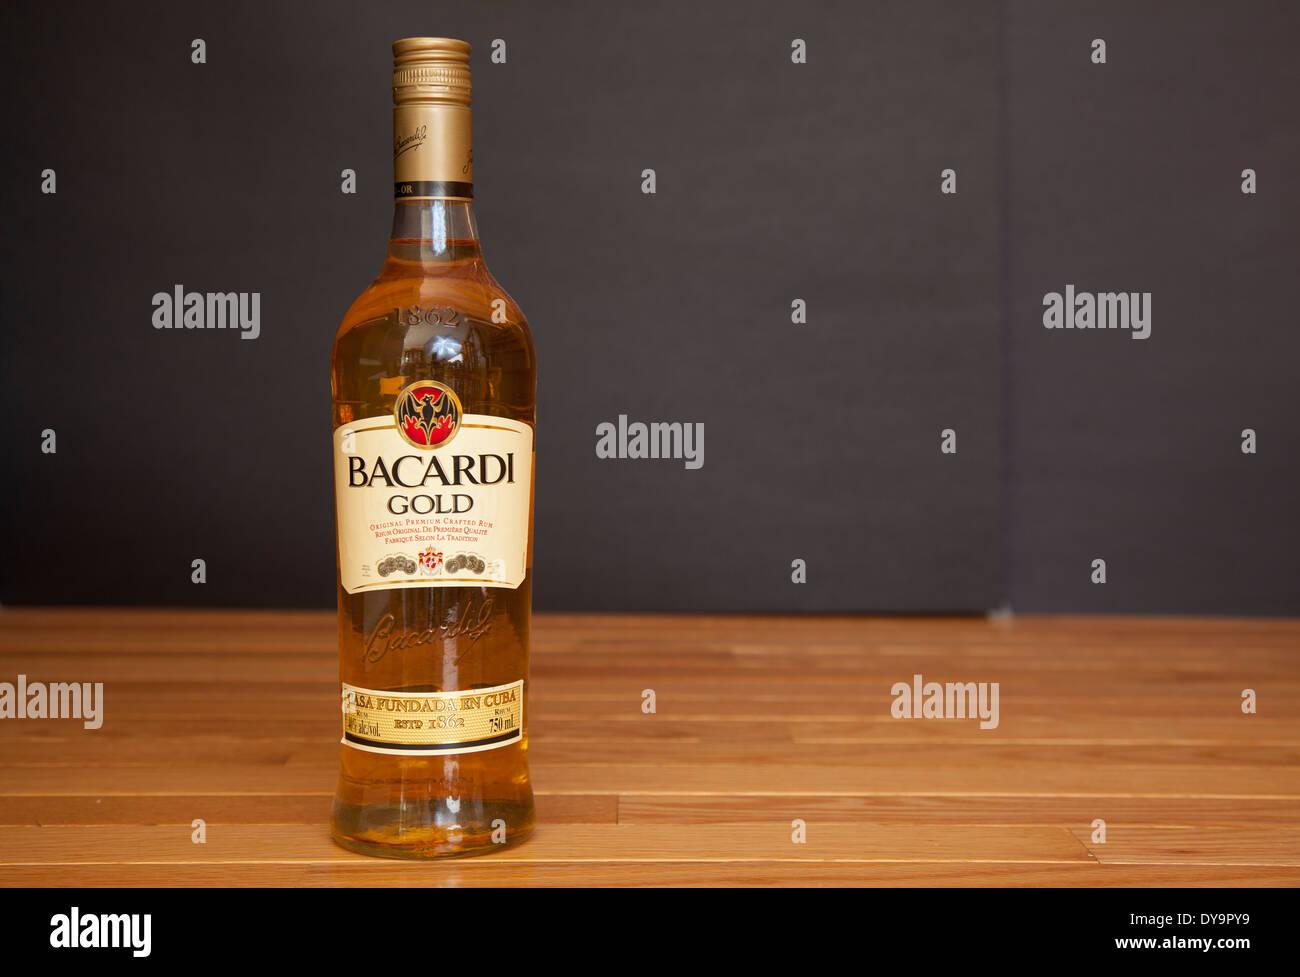 Bacardi Bottle Stockfotos & Bacardi Bottle Bilder - Alamy